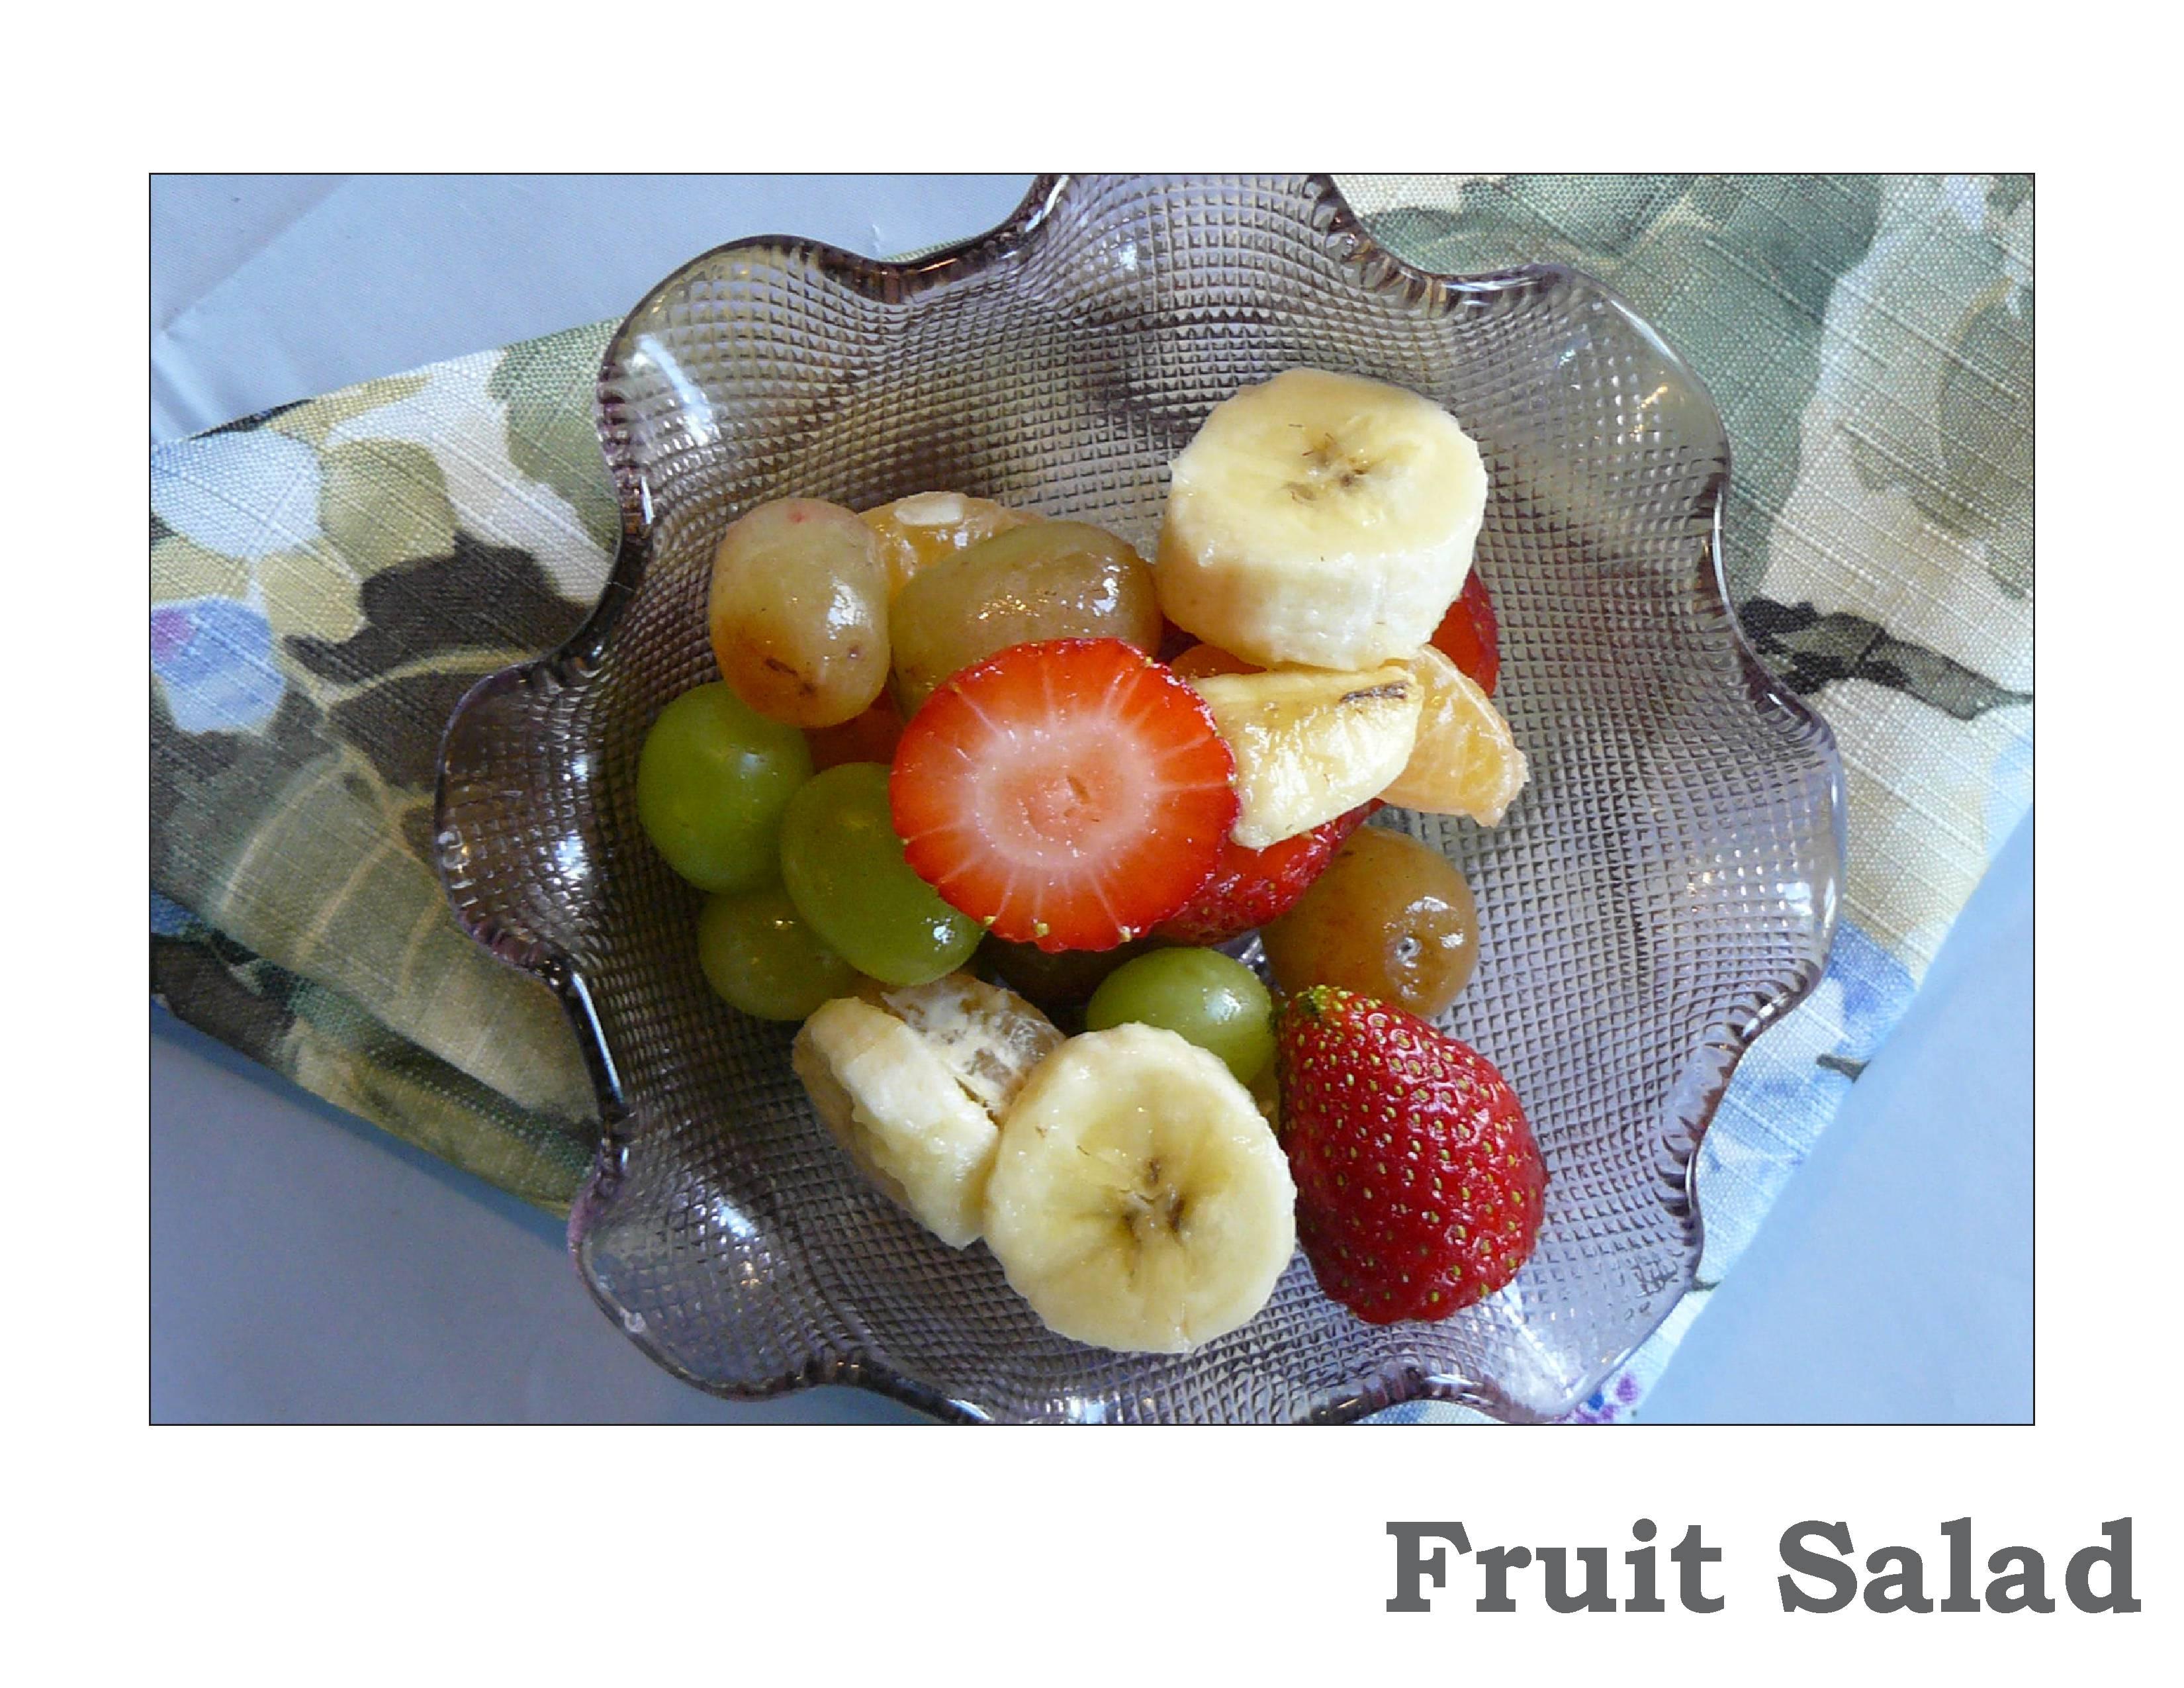 Tu B'Shevat fruit salad